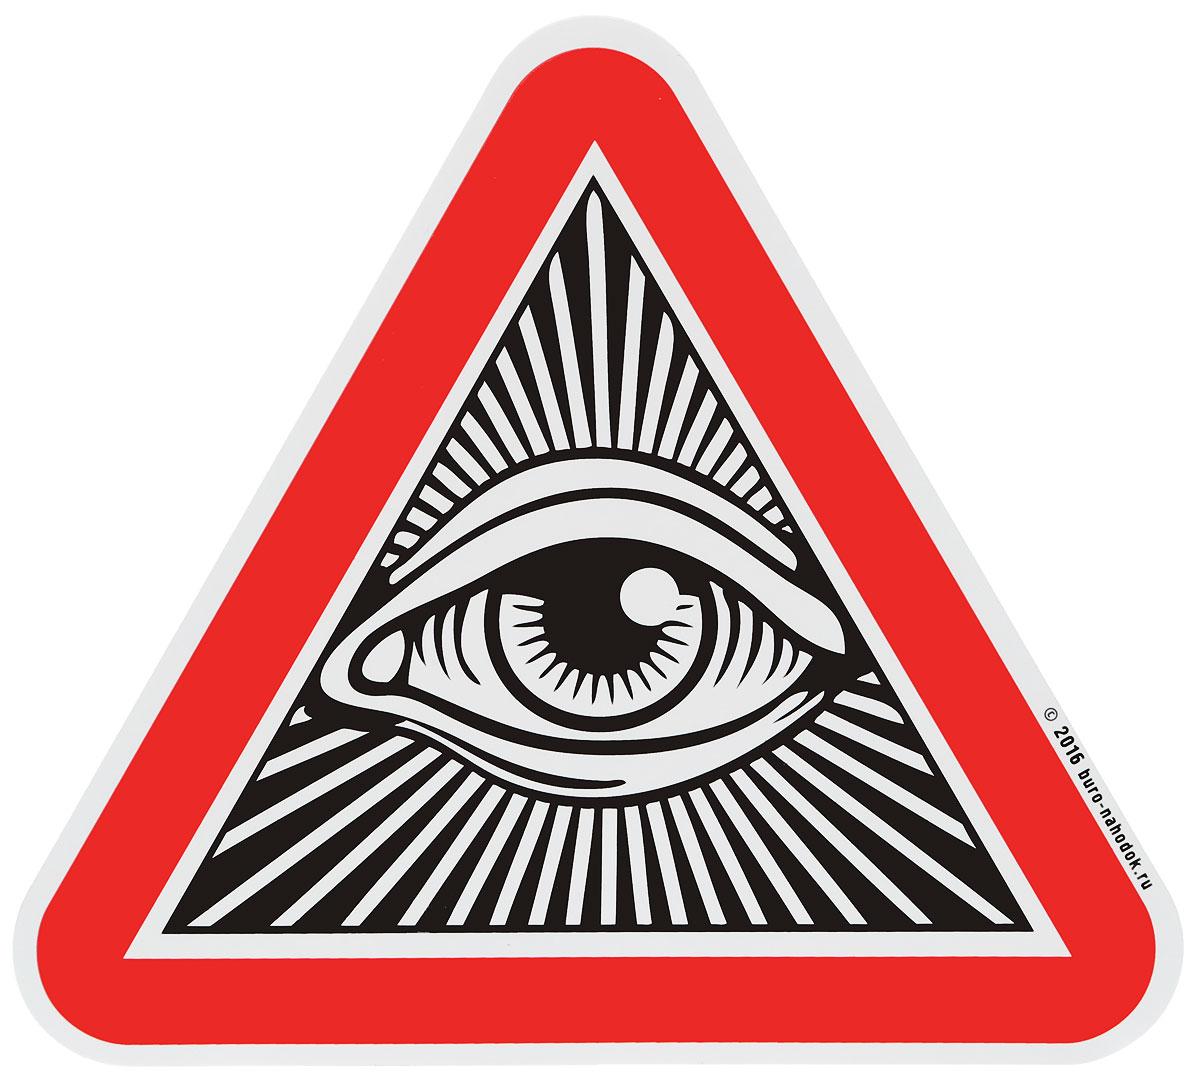 Наклейка автомобильная Бюро находок Всевидящее Око, цвет: черный, красныйNM22Для тех, кого привлекает таинственность и загадочность. Для мудрых и прозорливых водителей, которые предвидят дорожную ситуацию и остаются внимательными и бдительными на всем протяжении пути. Всевидящее око - символ глубокий и мистический. Глаз означает озарение, ум и бдительность. В буддизме всевидящее око - мудрость и свет. В Древнем Египте - символы мощи и силы.